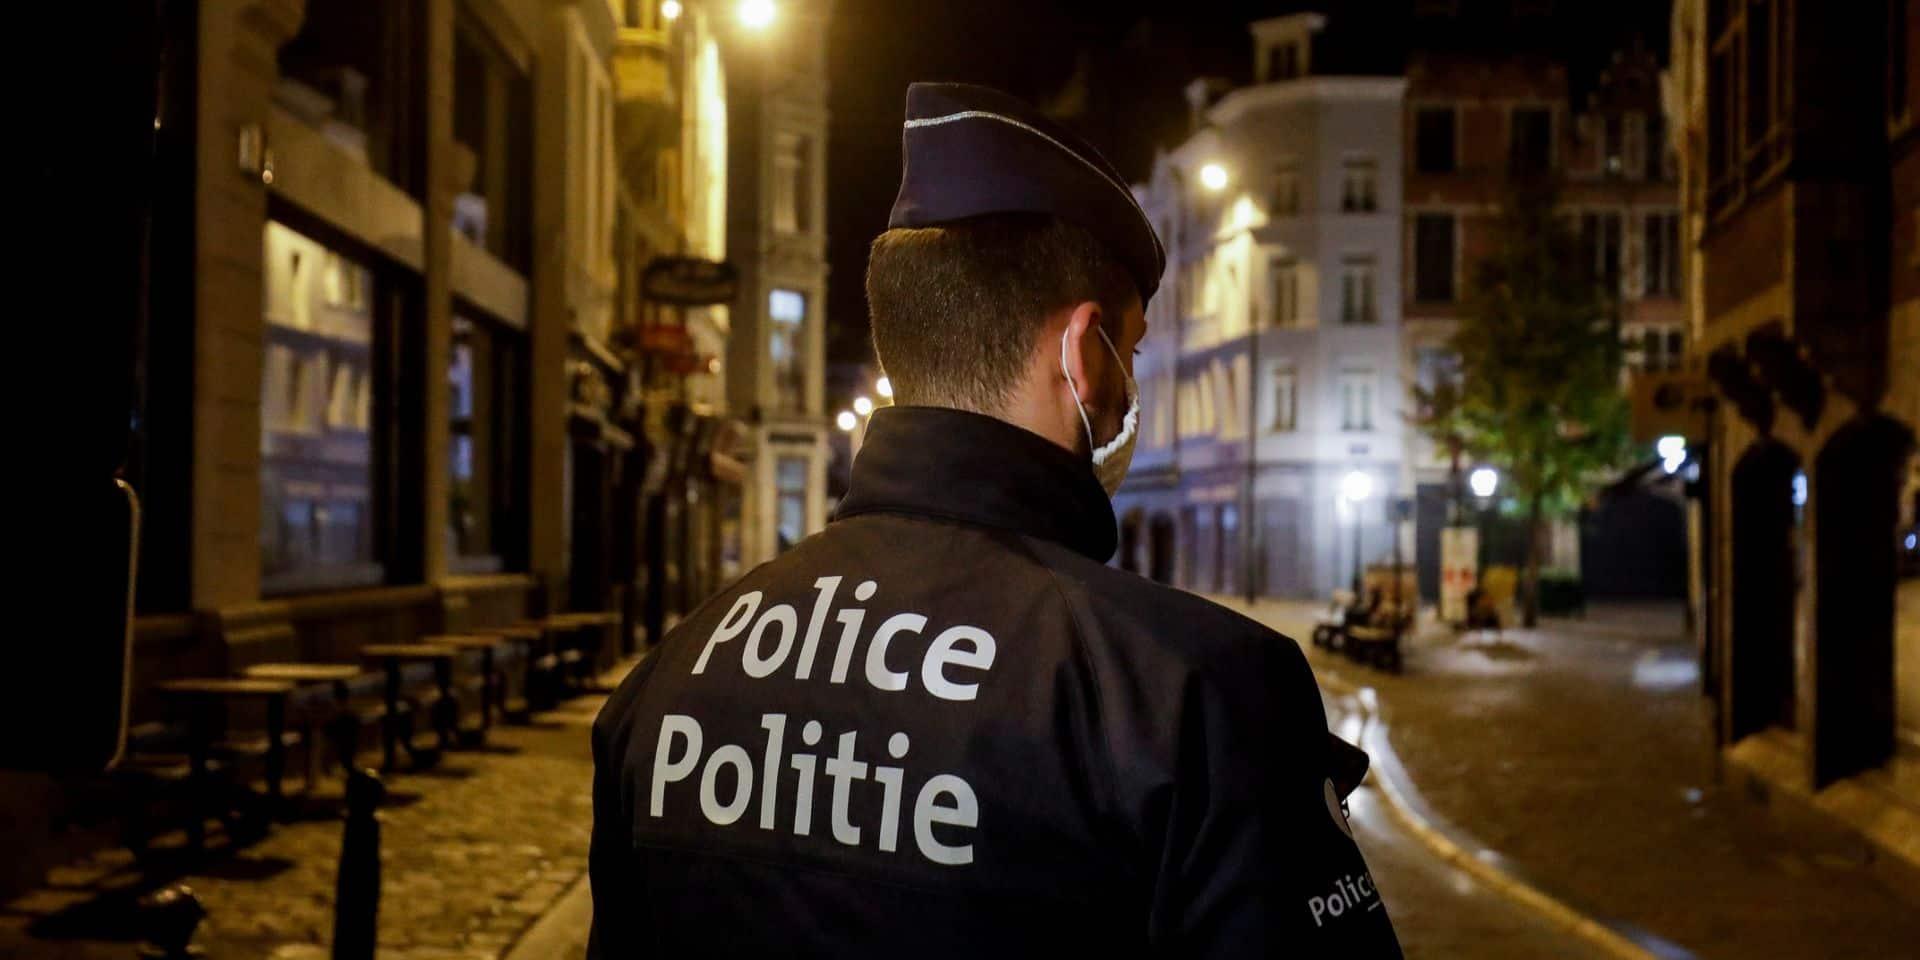 La police de la zone Bruxelles-Ouest a dressé 5.977 procès-verbaux depuis le début de la crise Covid